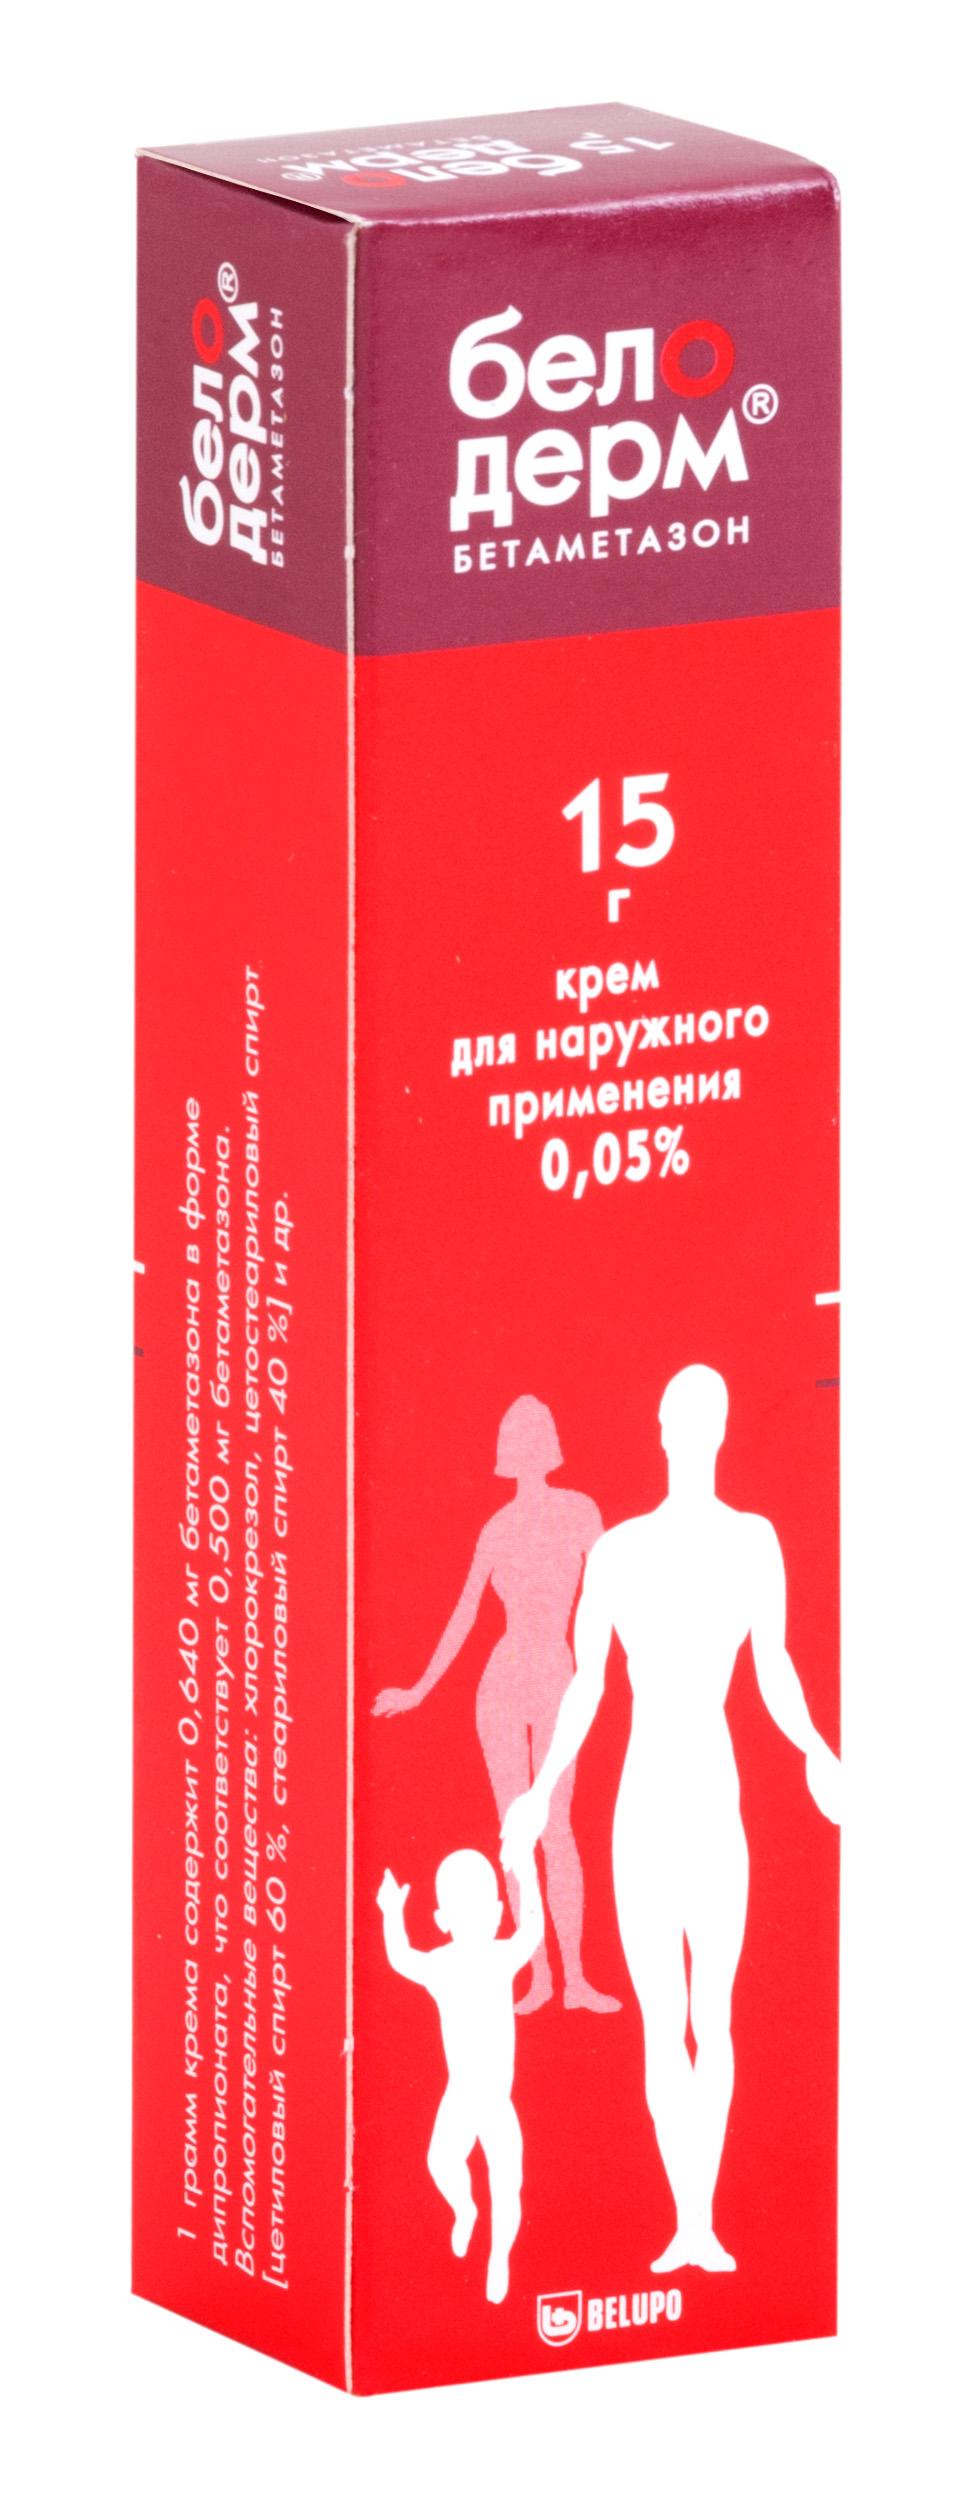 Белодерм крем 0,05% 15г